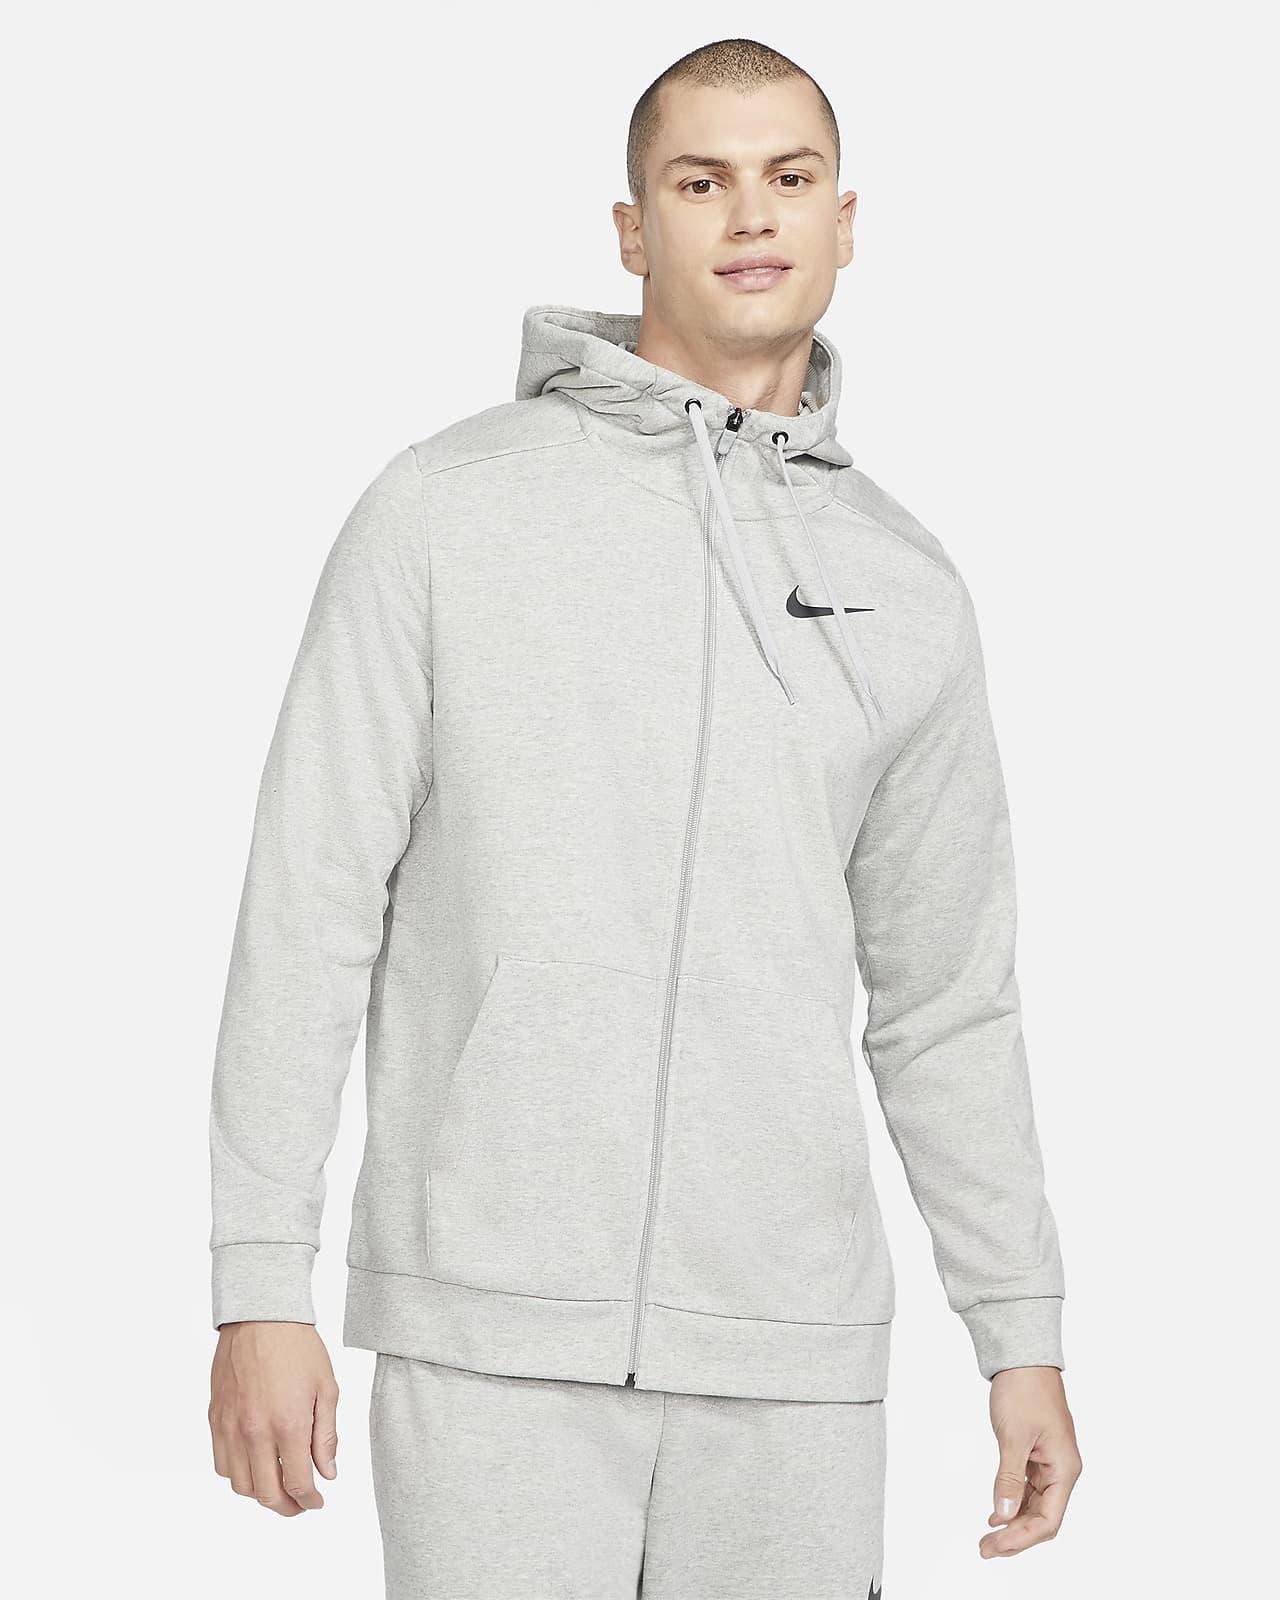 Nike Dri-FIT Sudadera con capucha de entrenamiento con cremallera completa - Hombre